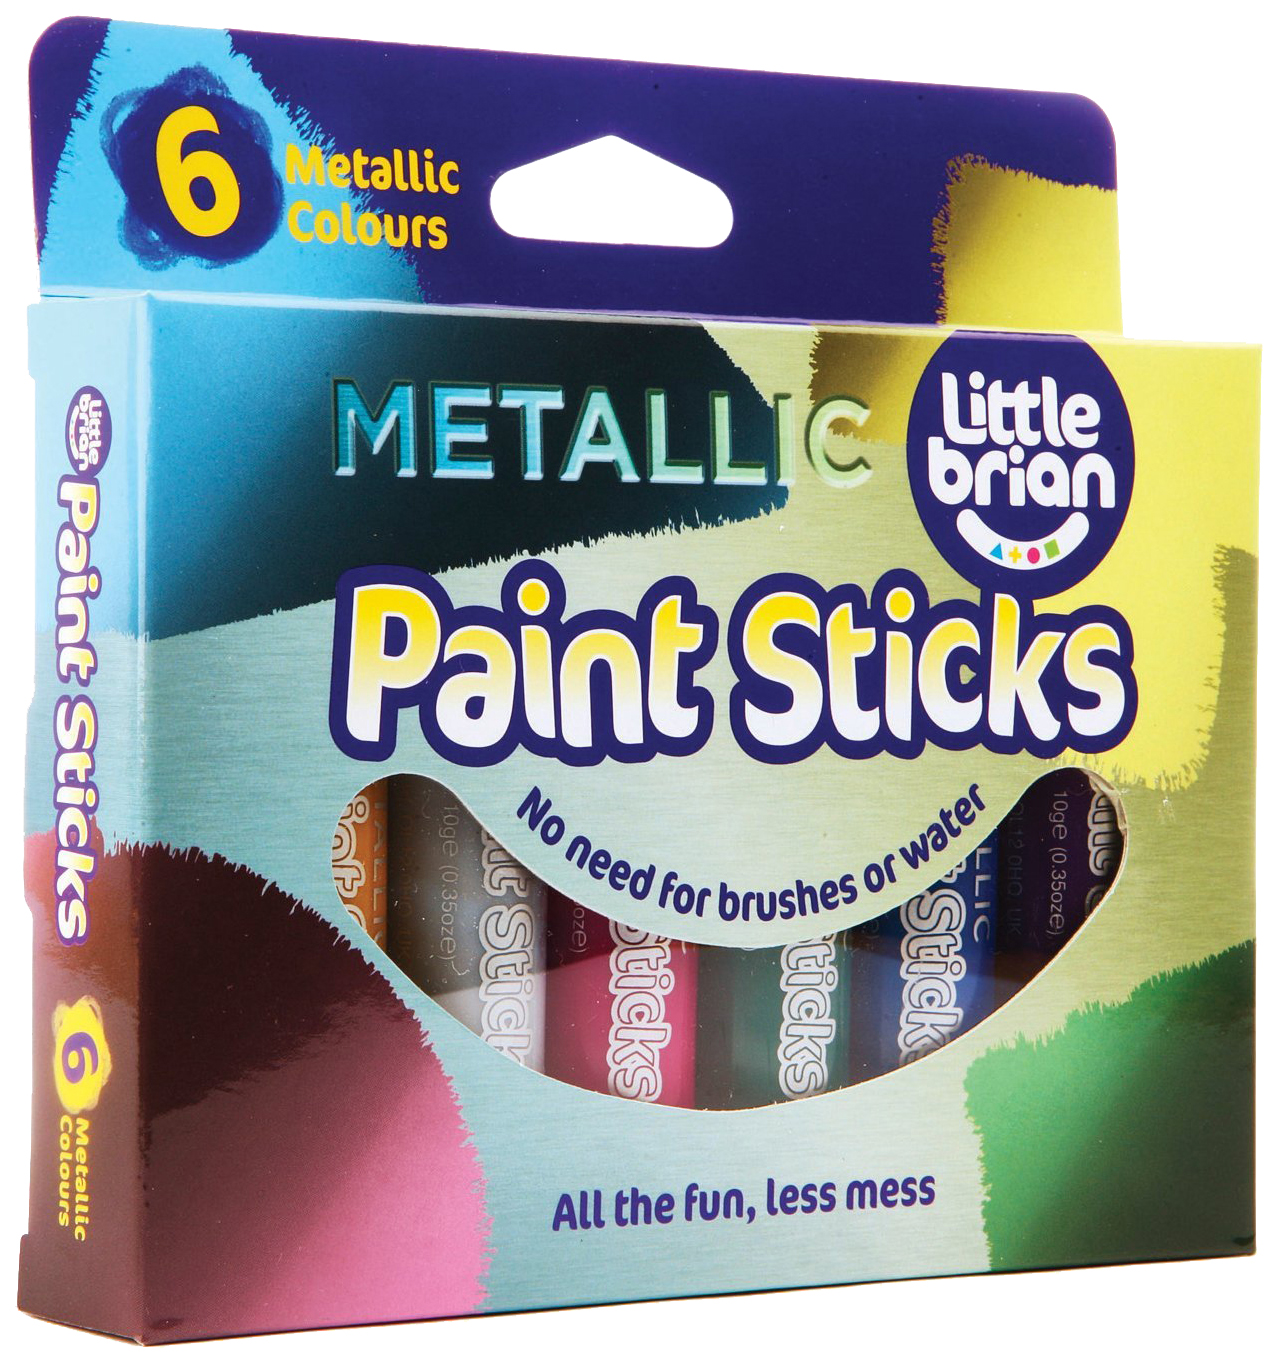 LITTLE BRIAN Краски в стиках, в наборе 6 метализированных цветов LBPS10MA6 фото